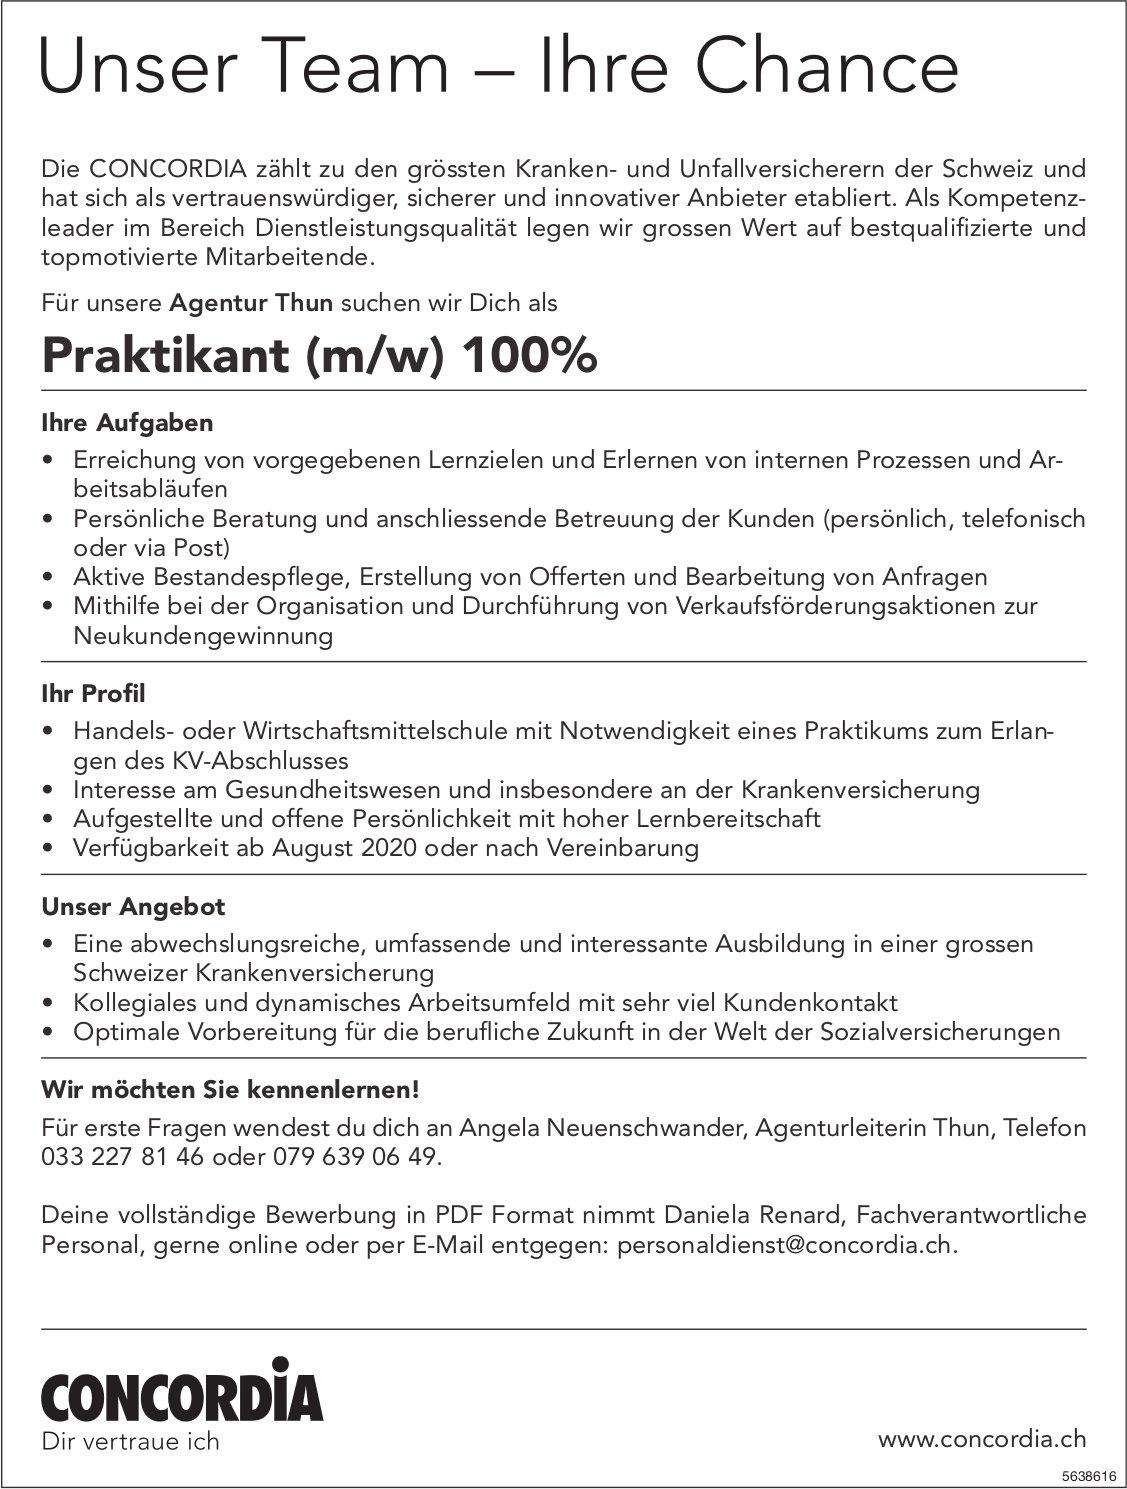 Praktikant (m/w) 100%, CONCORDIA, Thun, Gesucht